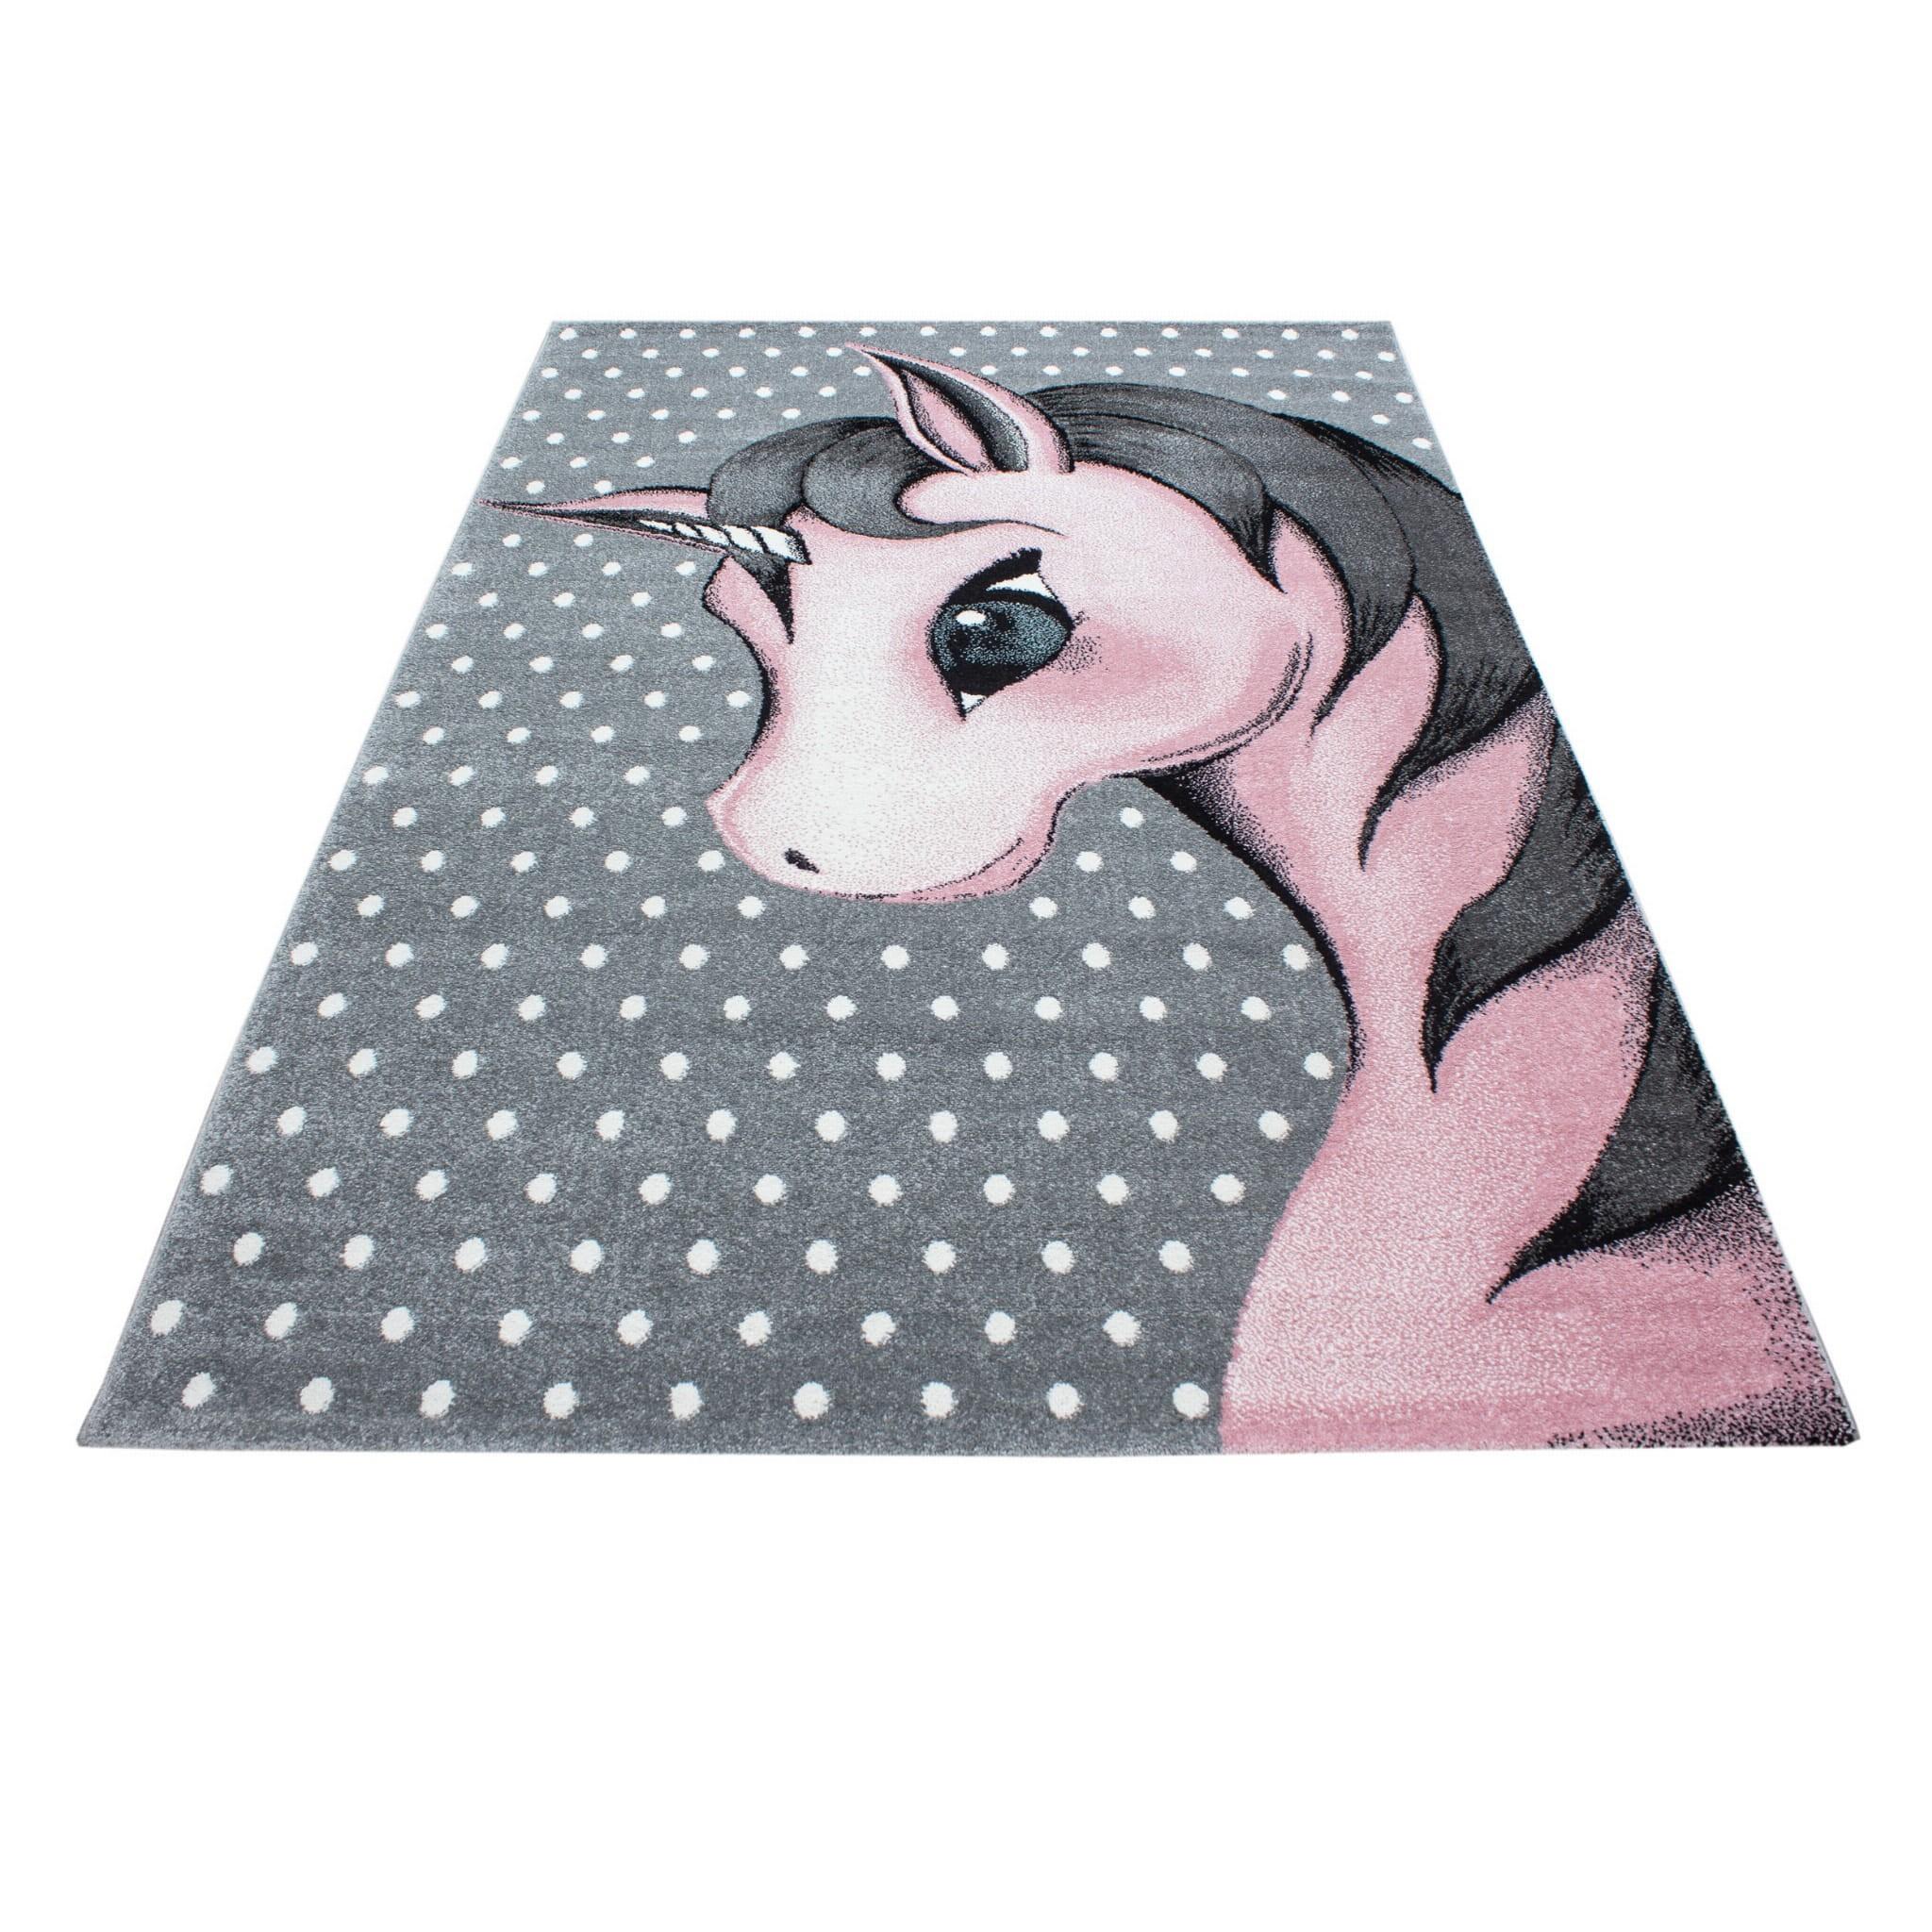 Pohádkový šedý koberec pro holčičku jednorožec